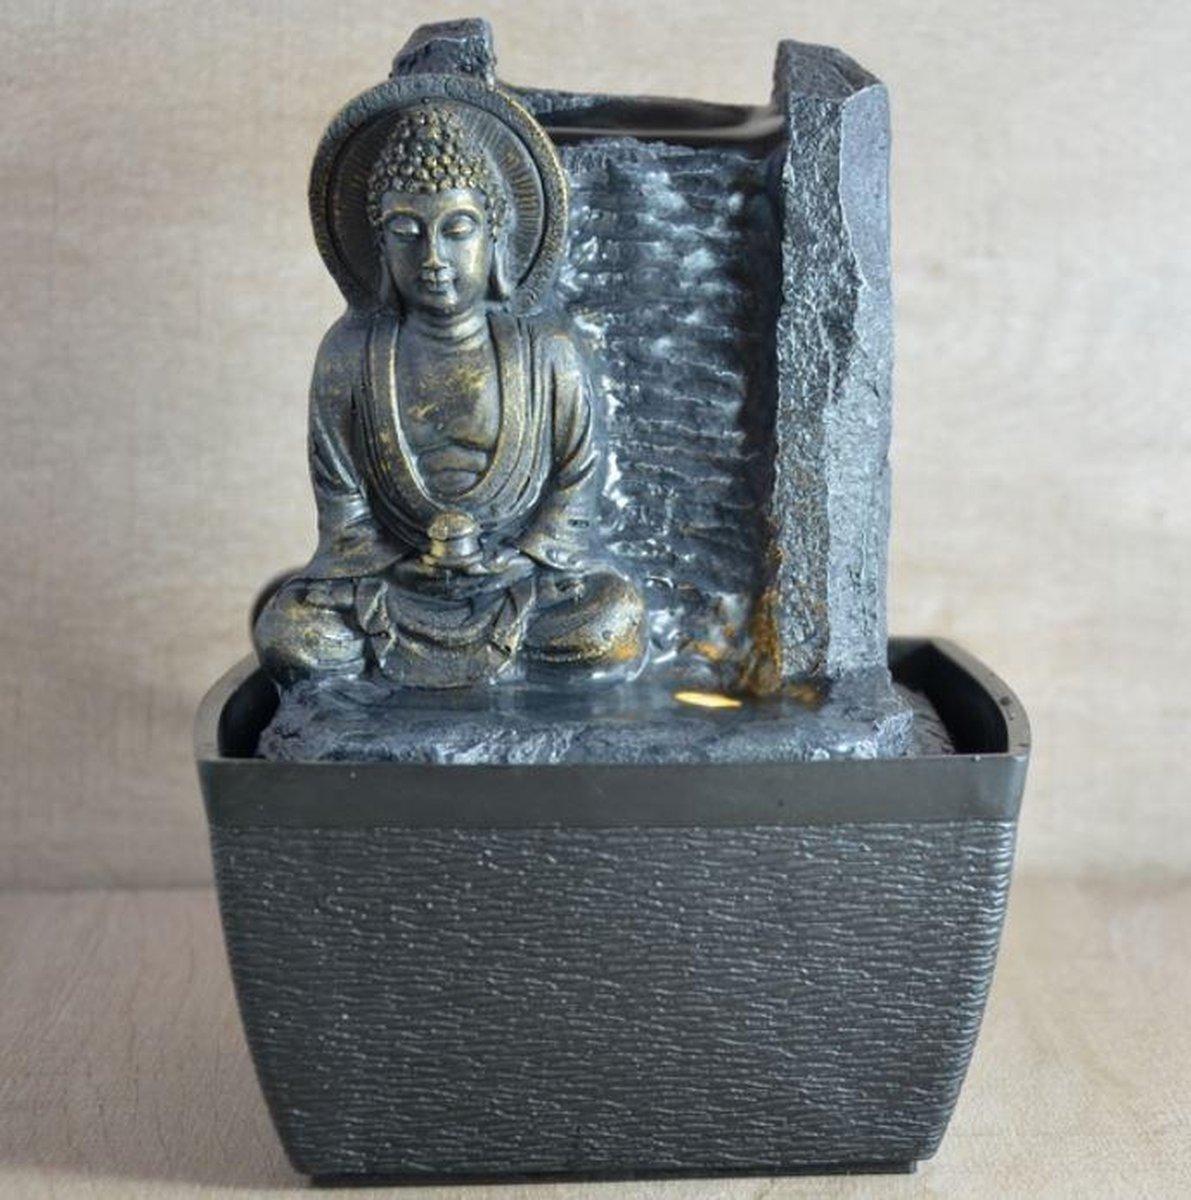 Sérénité Boeddha - fontein -interieur - fontein voor binnen - relaxeer - zen - waterornament - cadeau - geschenk - relatiegeschenk - origineel - lente - zomer - lentecollectie - zomercollectie - afkoeling - koelte